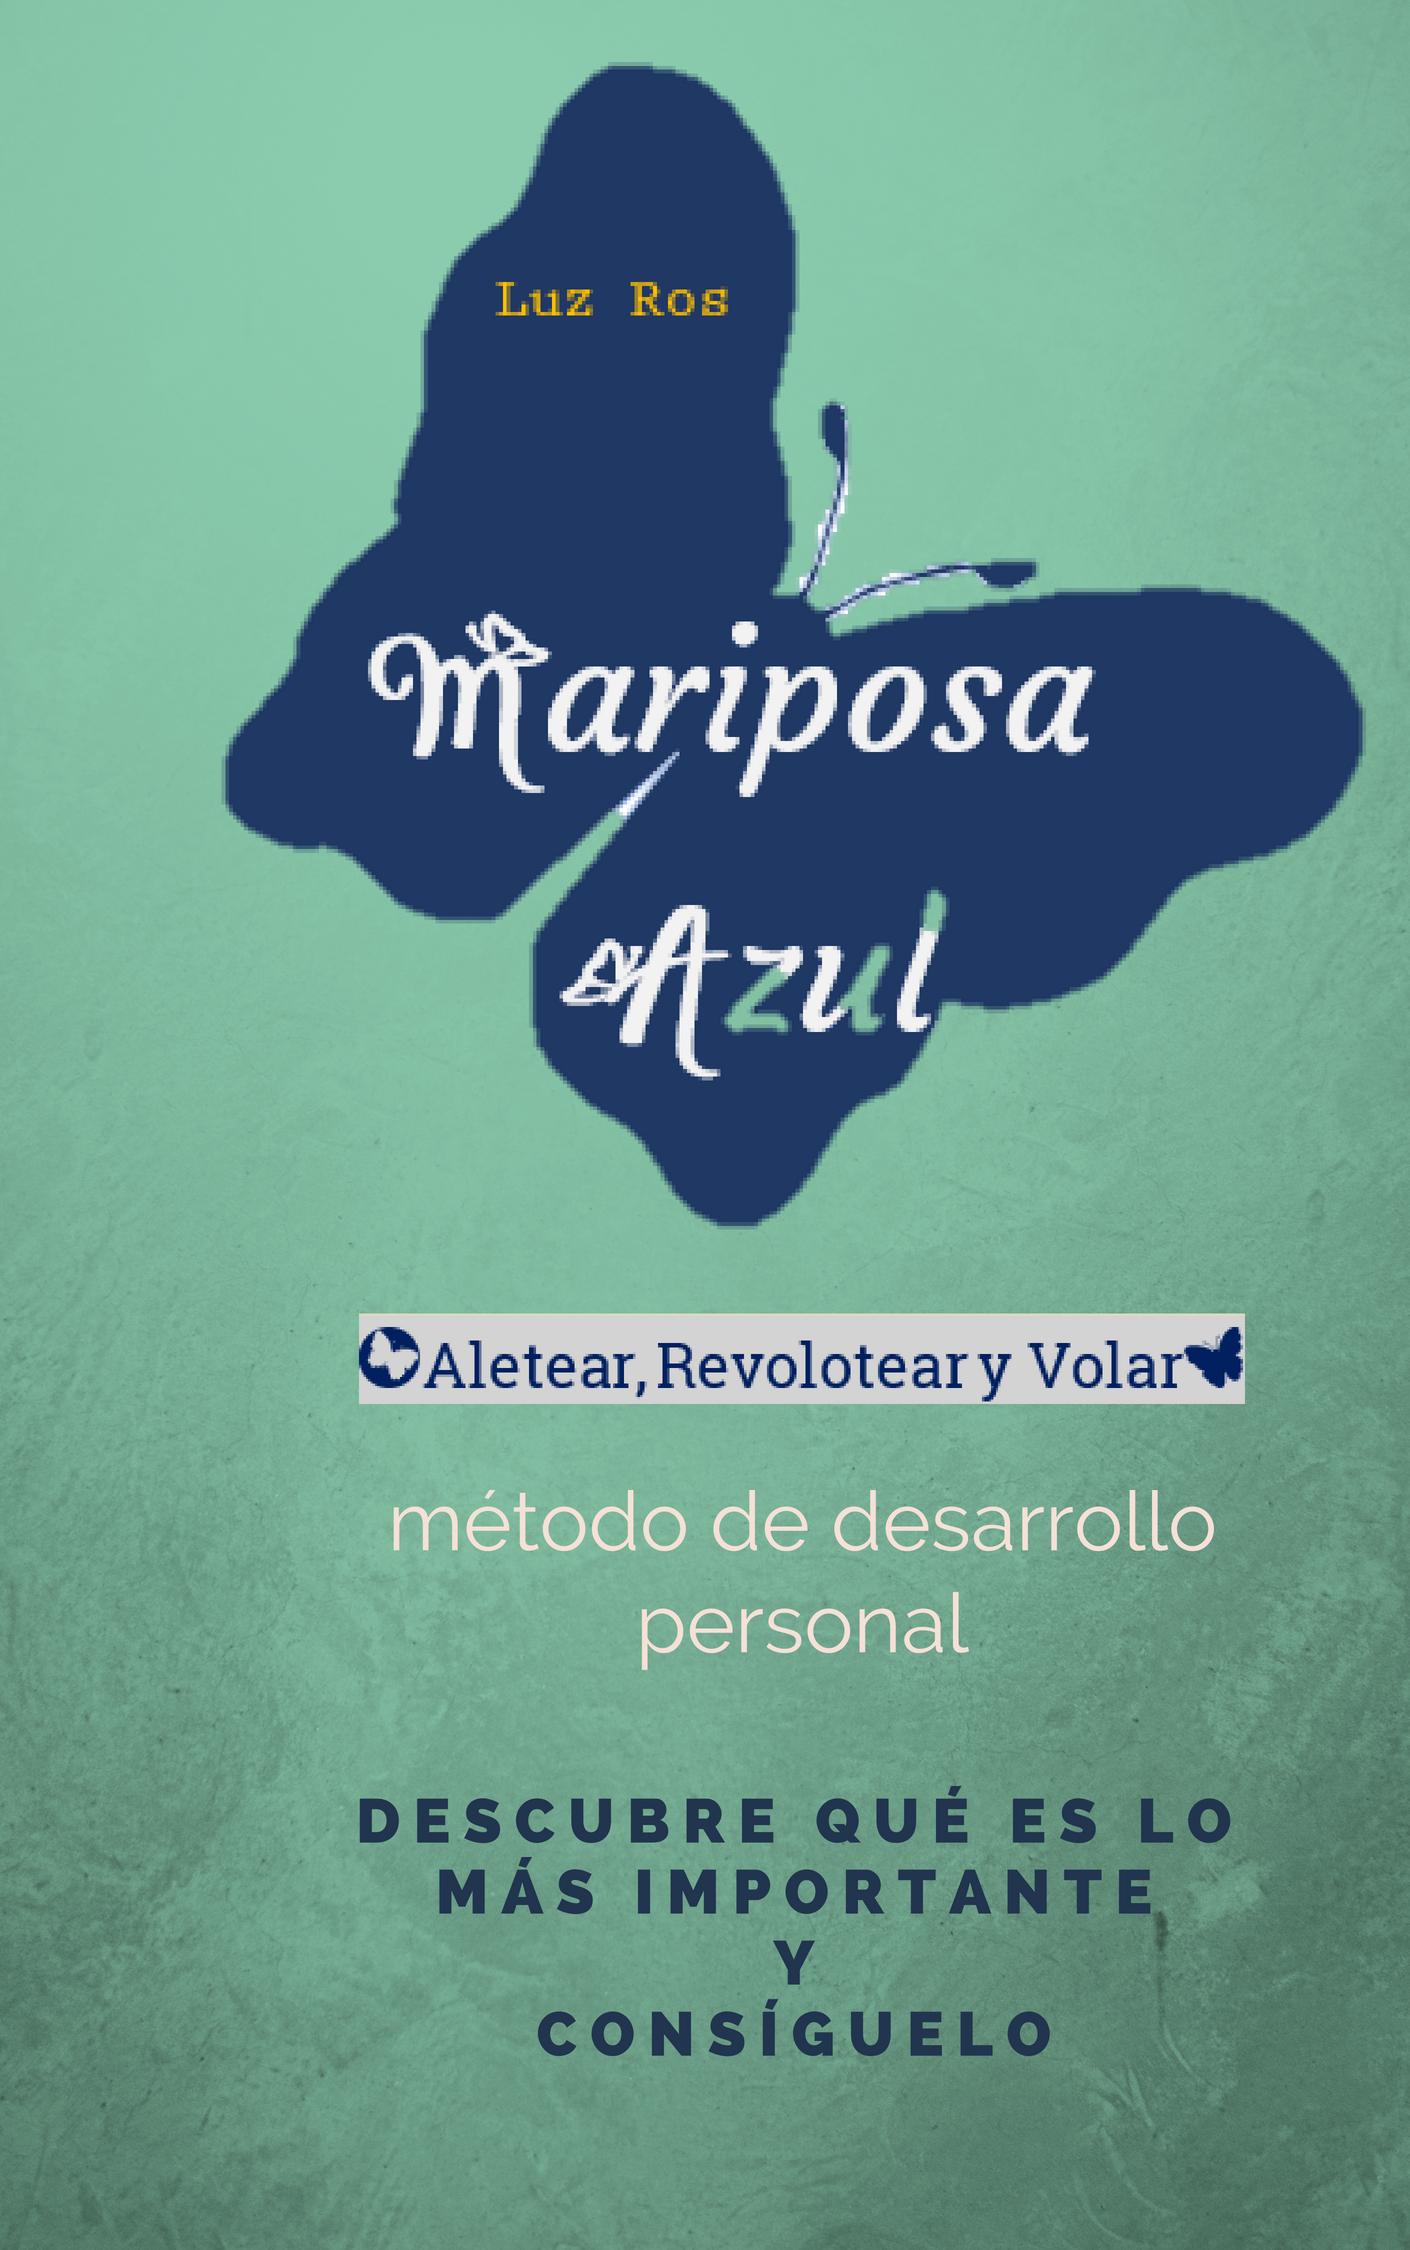 Portada Mariposa Azul,jpg